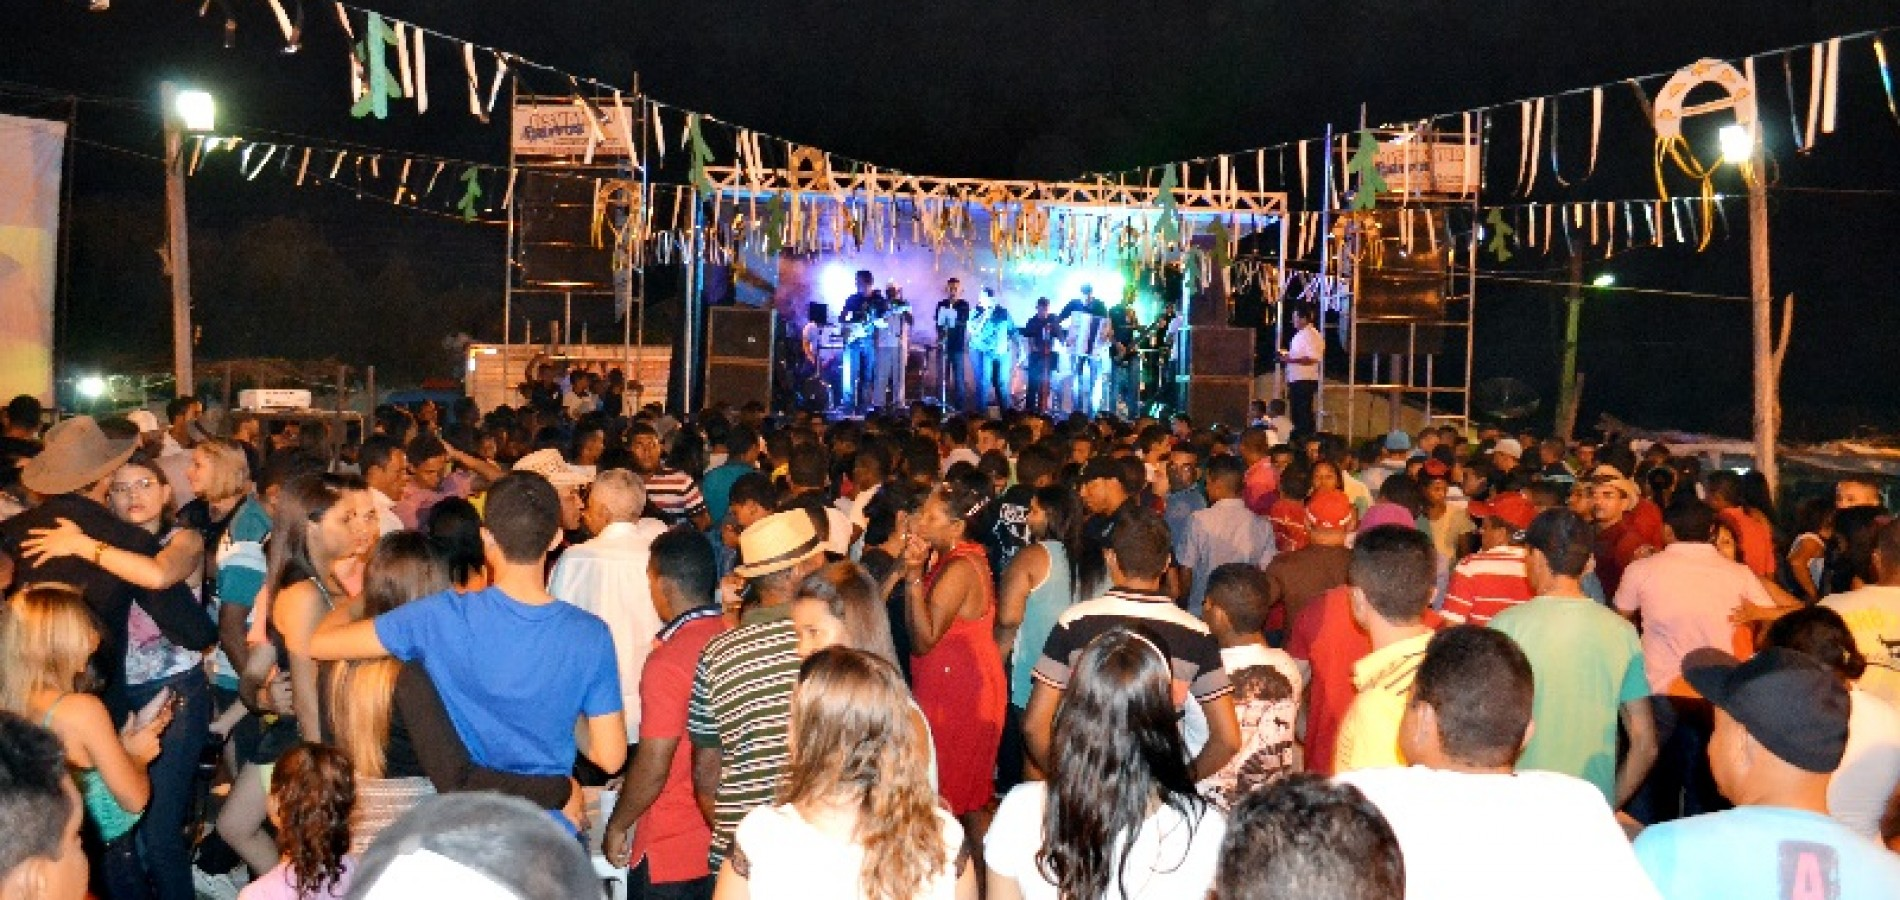 JAICÓS | Show com Forró da Monarquia encerra a XI Festa do Vaqueiro em Várzea Queimada; veja fotos